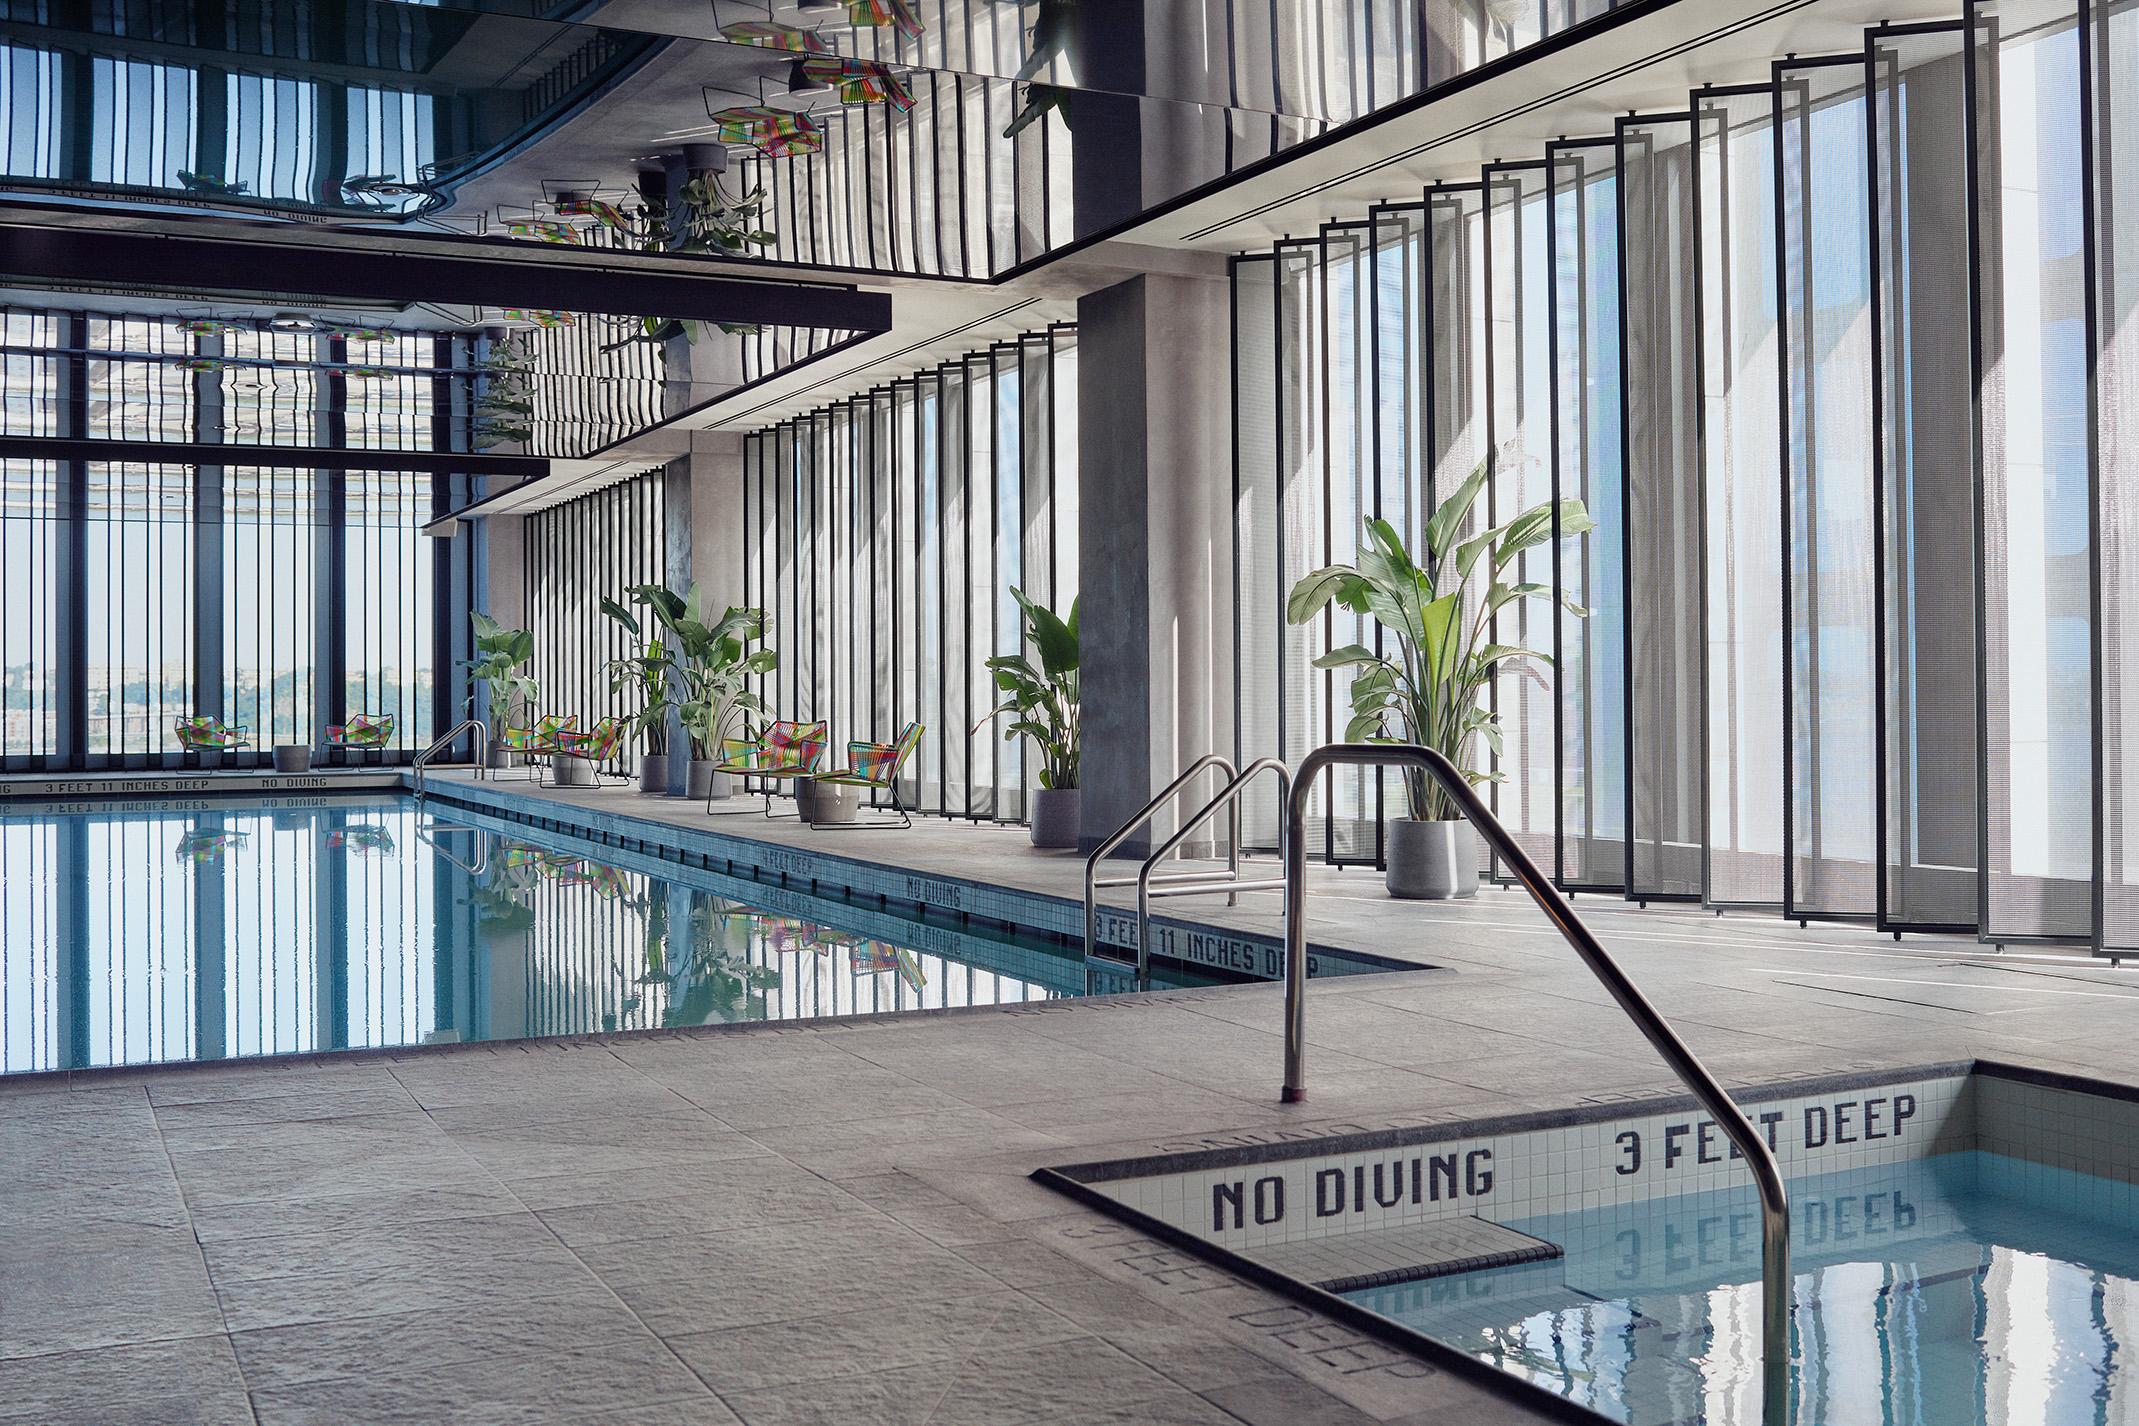 equinox indoor pool